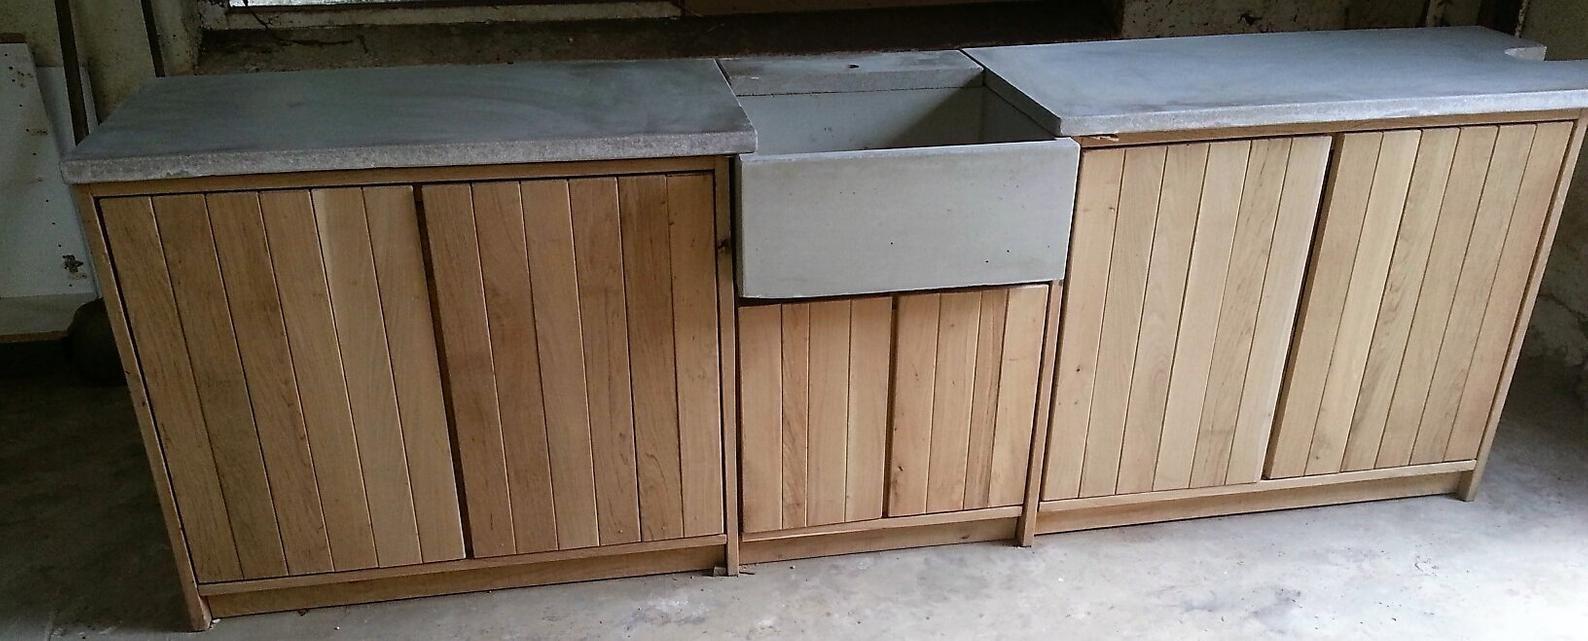 Aussenkuche Outdoor Kuche Gartenkuche Mit Betonarbeitsplatte Etsy Outdoor Kitchen Kitchen Solutions Complete Kitchens